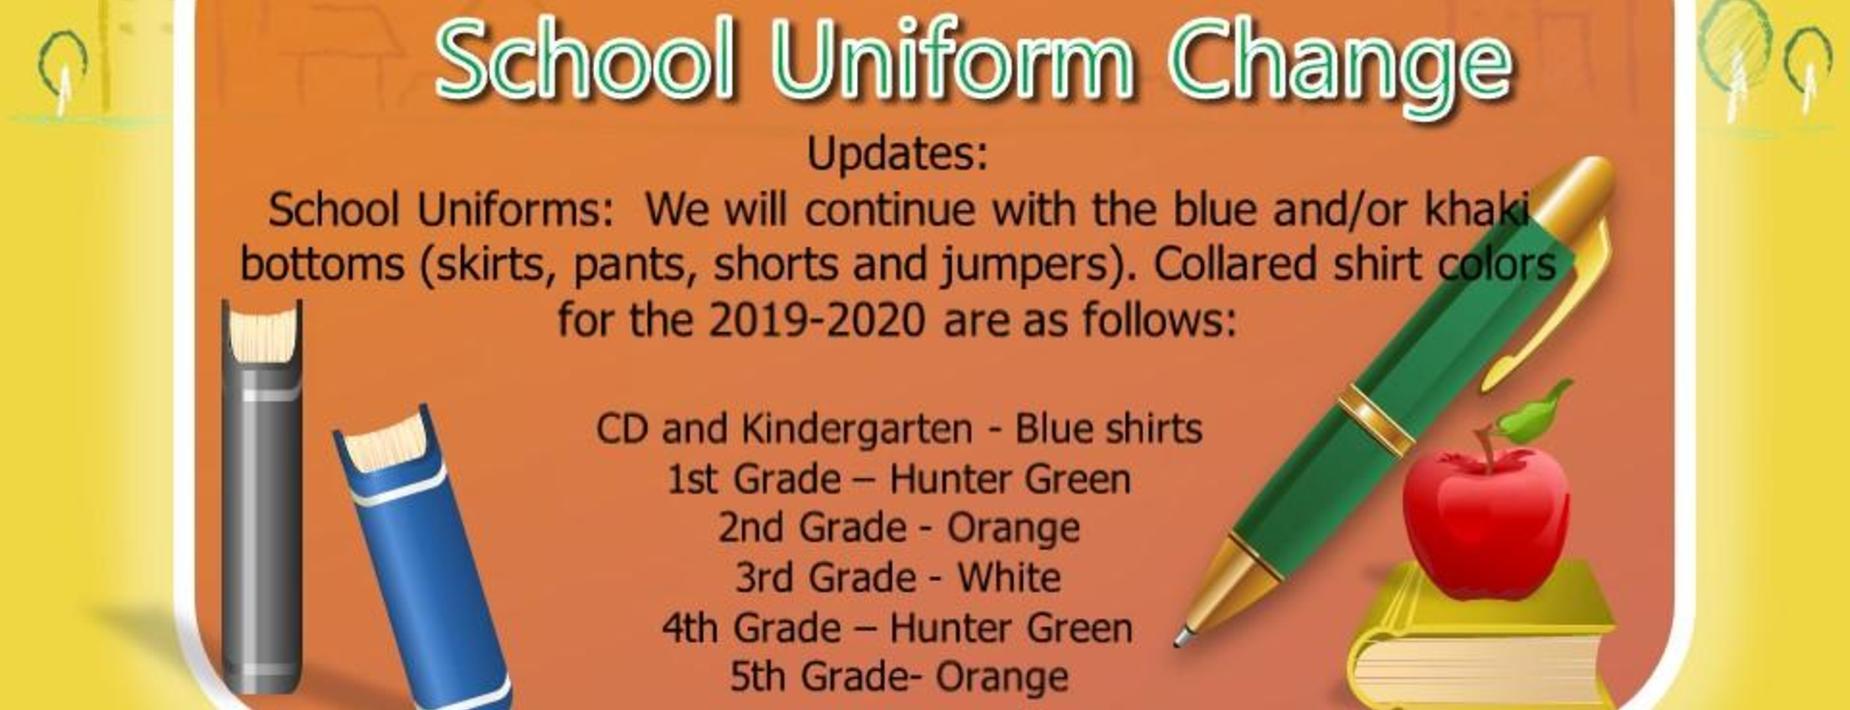 Uniform Change